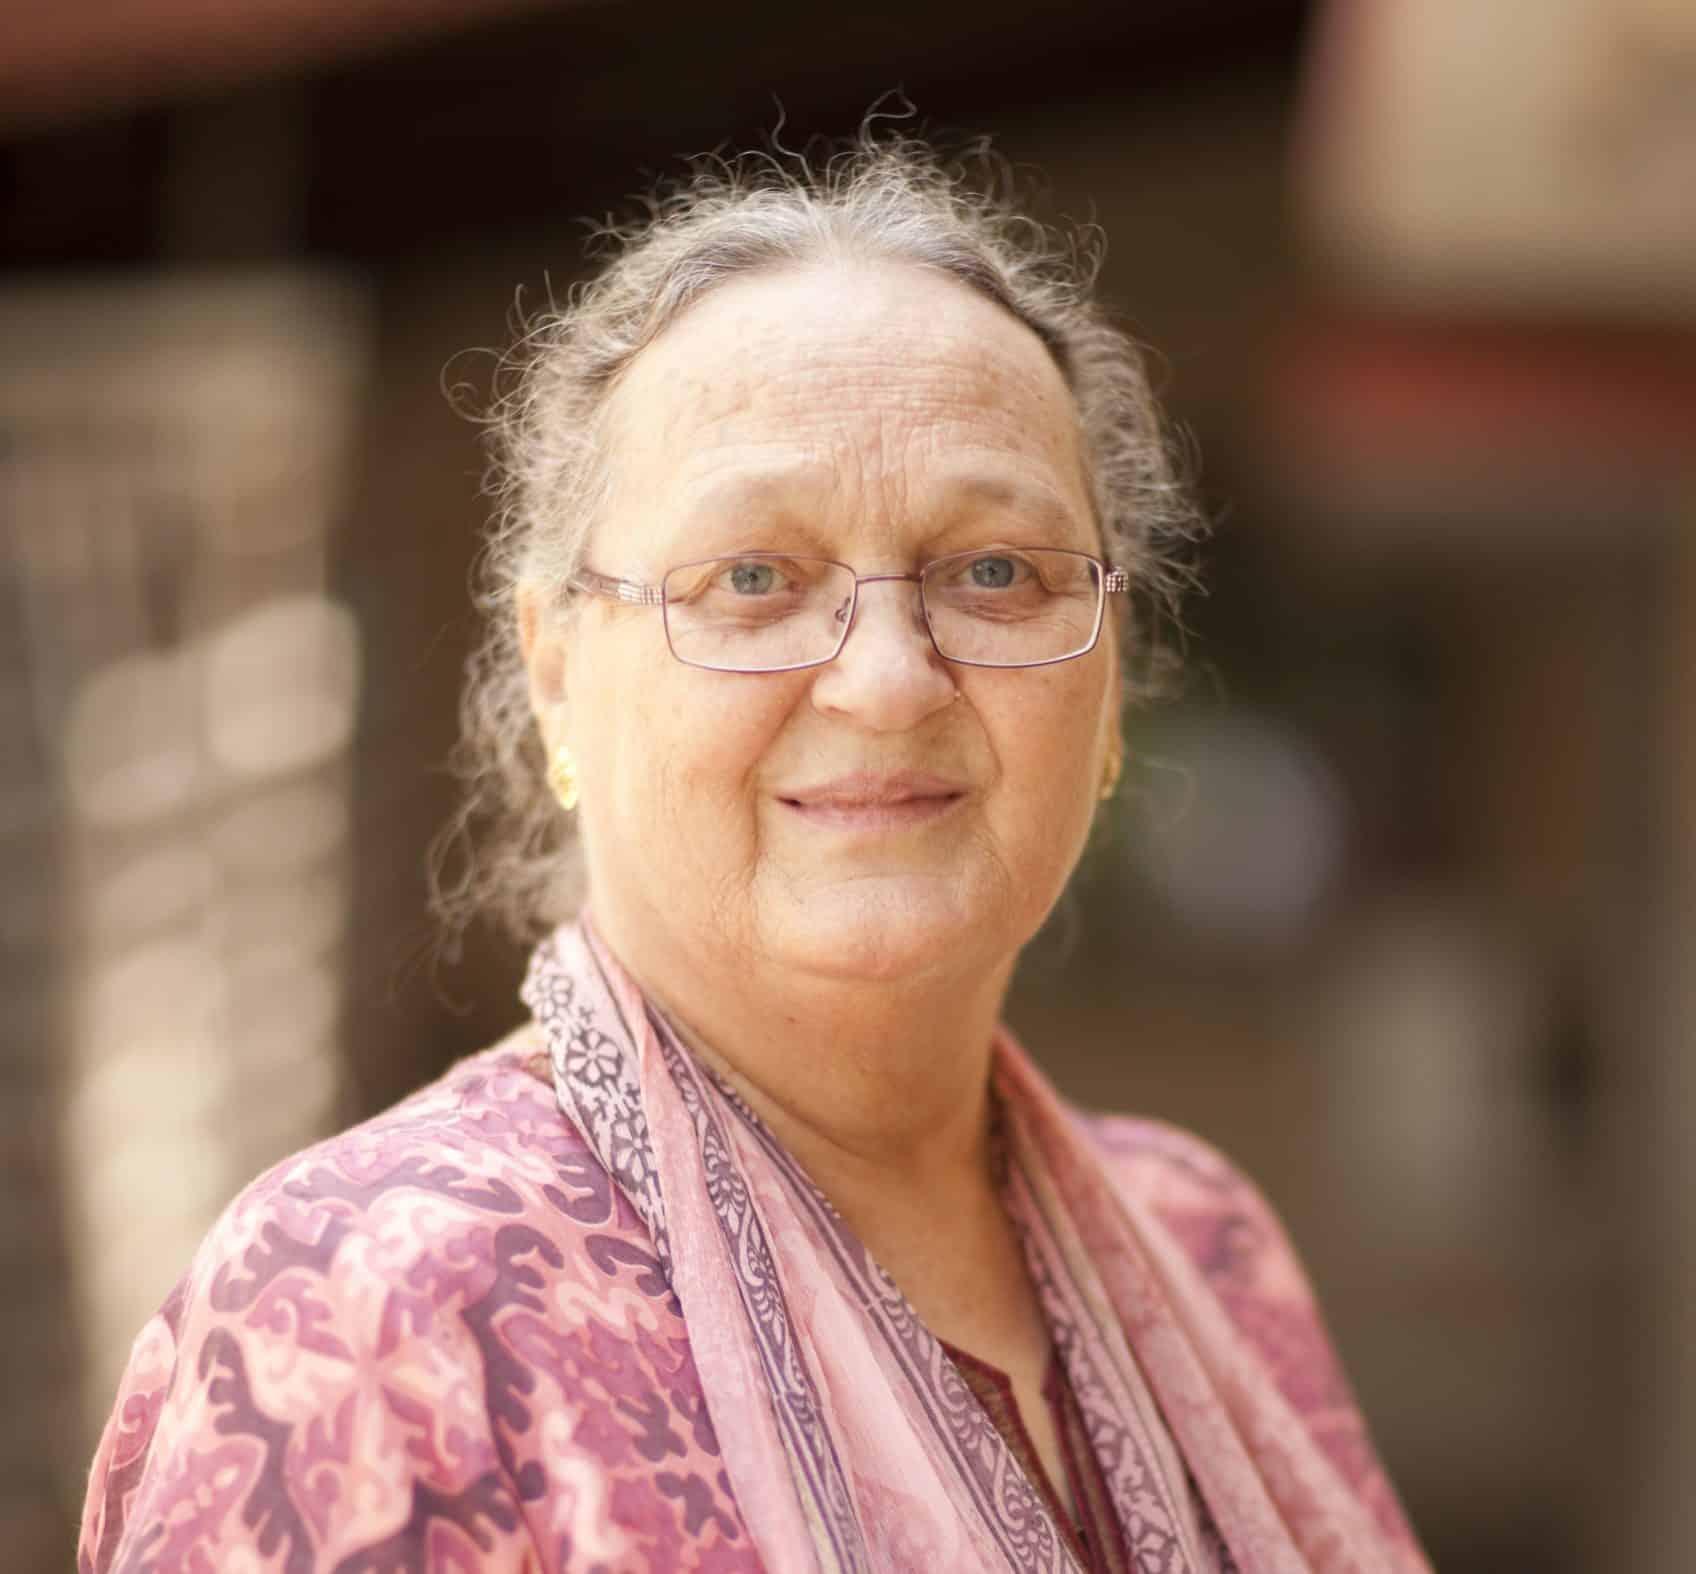 Anna Ferrer, Presidenta y Cofundadora de la Fundación Vicente Ferrer